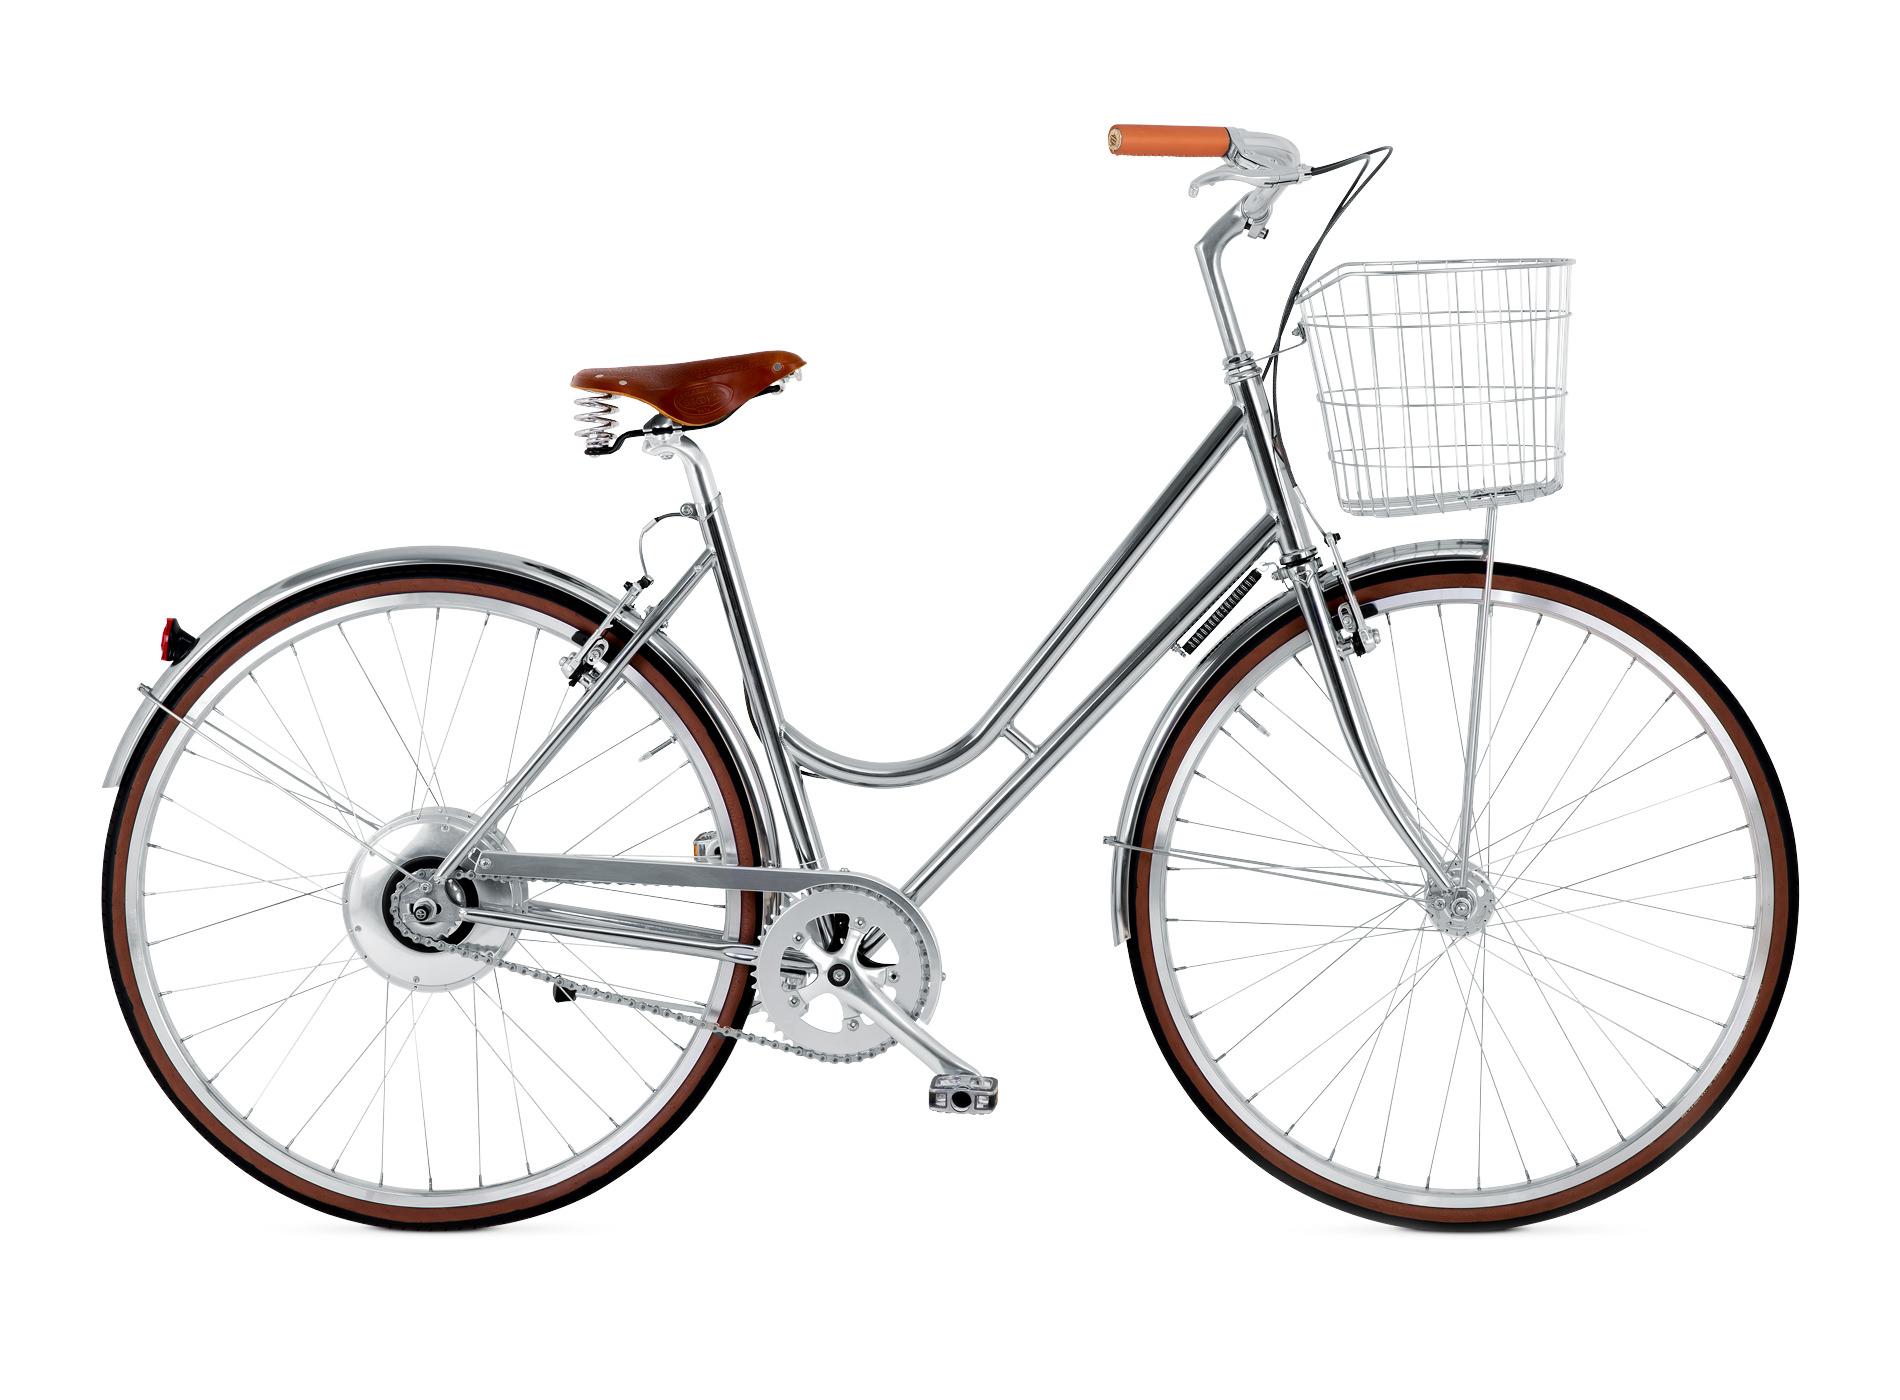 BIKEID Vélo Ville Premium Suédois Step Through Electrique Chrome